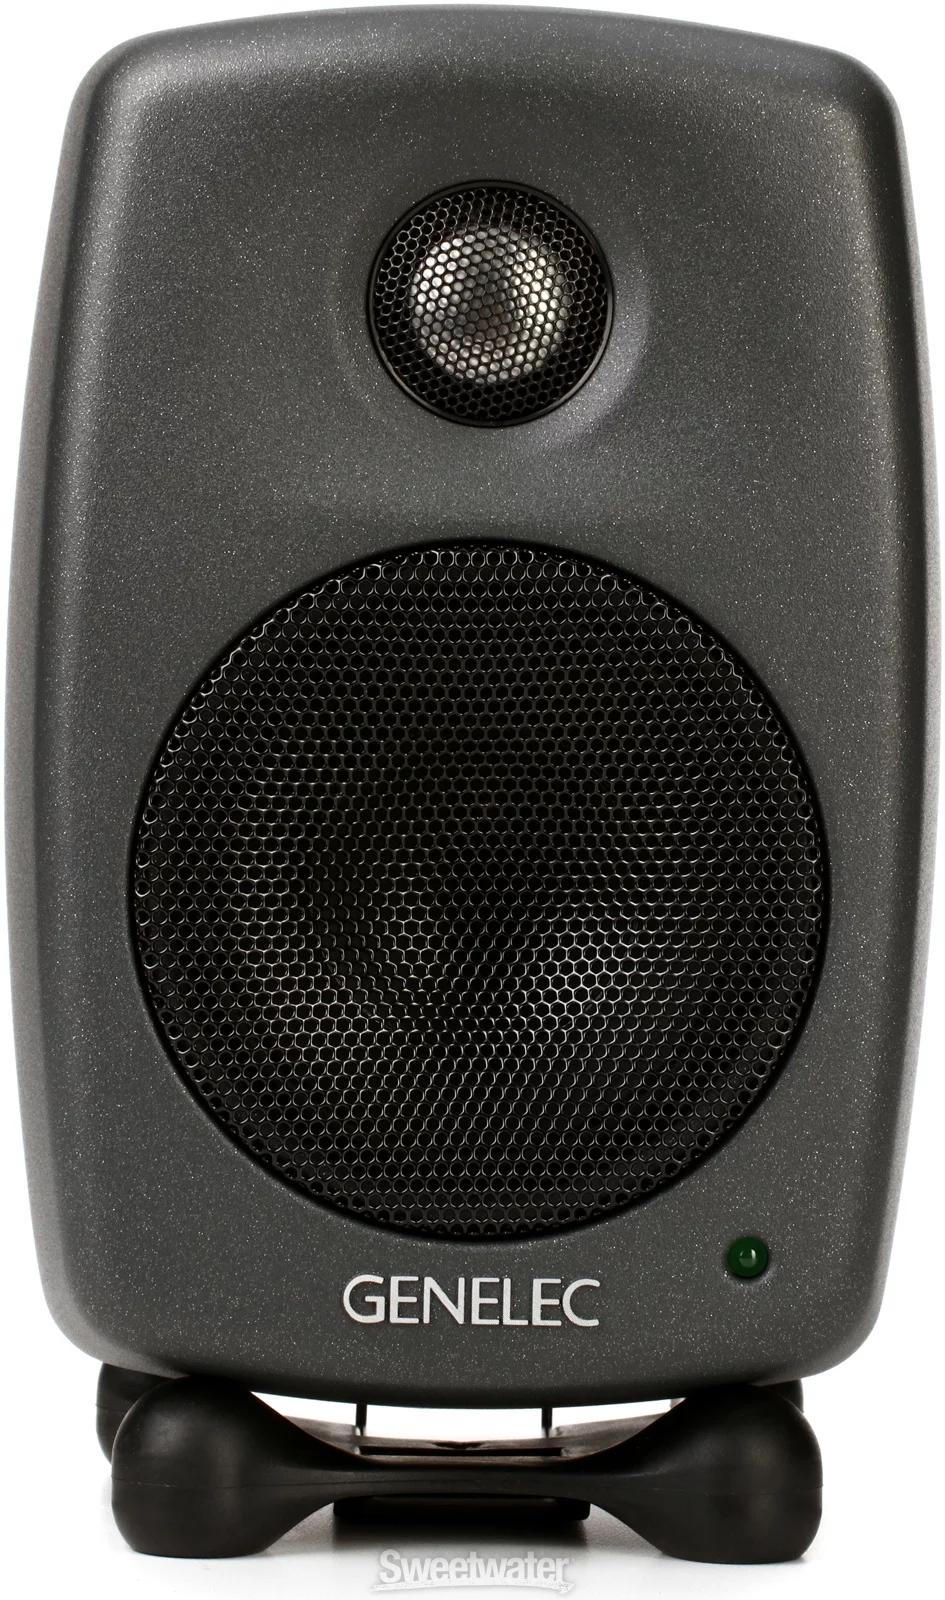 Genelec 8010a 3 Inch Powered Studio Monitor In 2020 Studio Monitors Monitor Studio